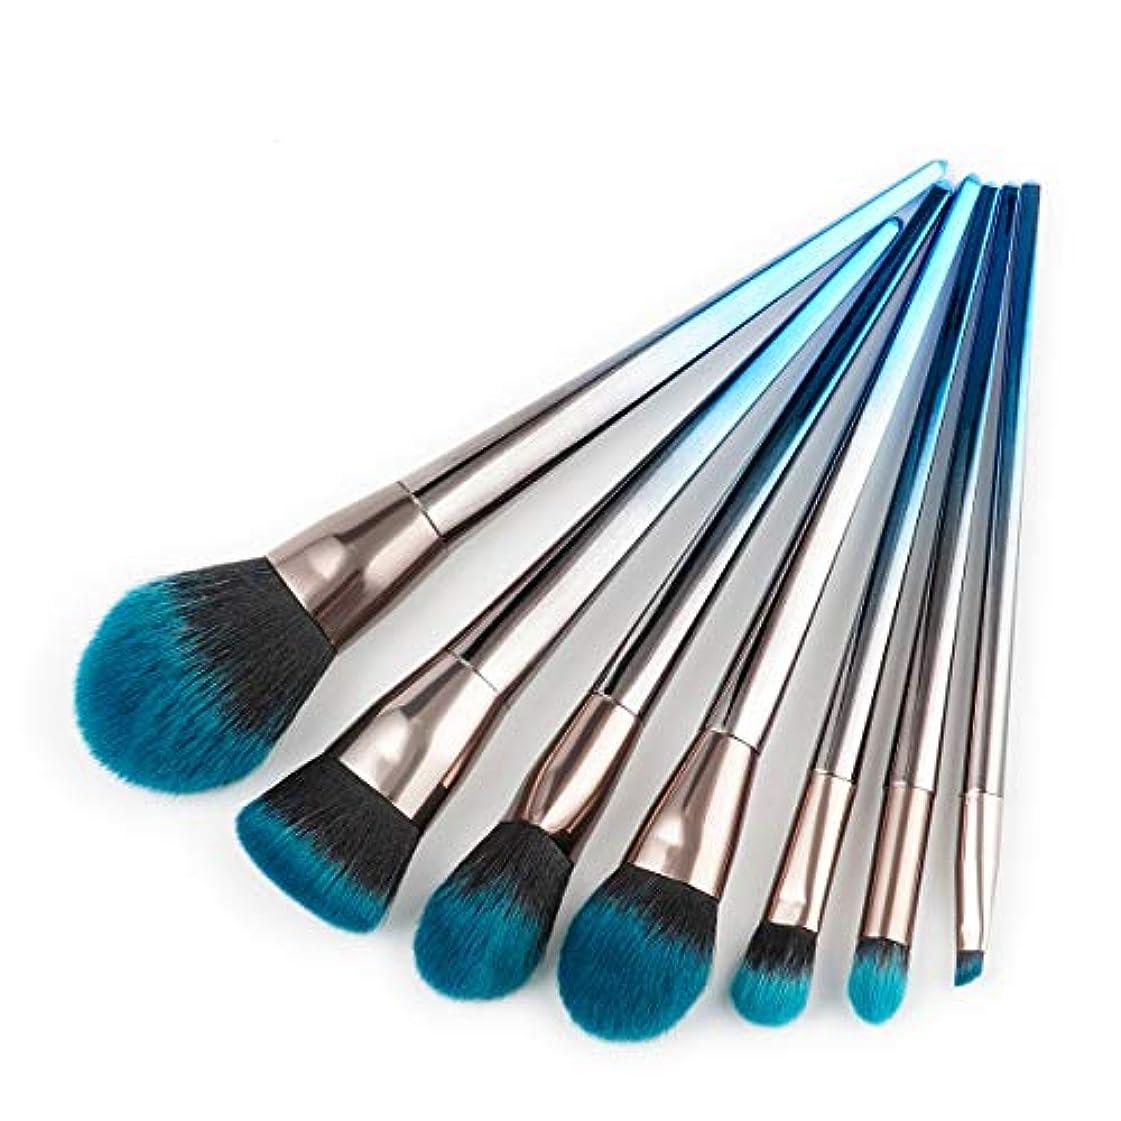 意義労苦過言Makeup brushes 7ピースブルーブラックグラデーションメイクブラシセット整形ファンデーション赤面アイシャドウリップブラシフェイシャルメイクアップツール suits (Color : Blue and black...